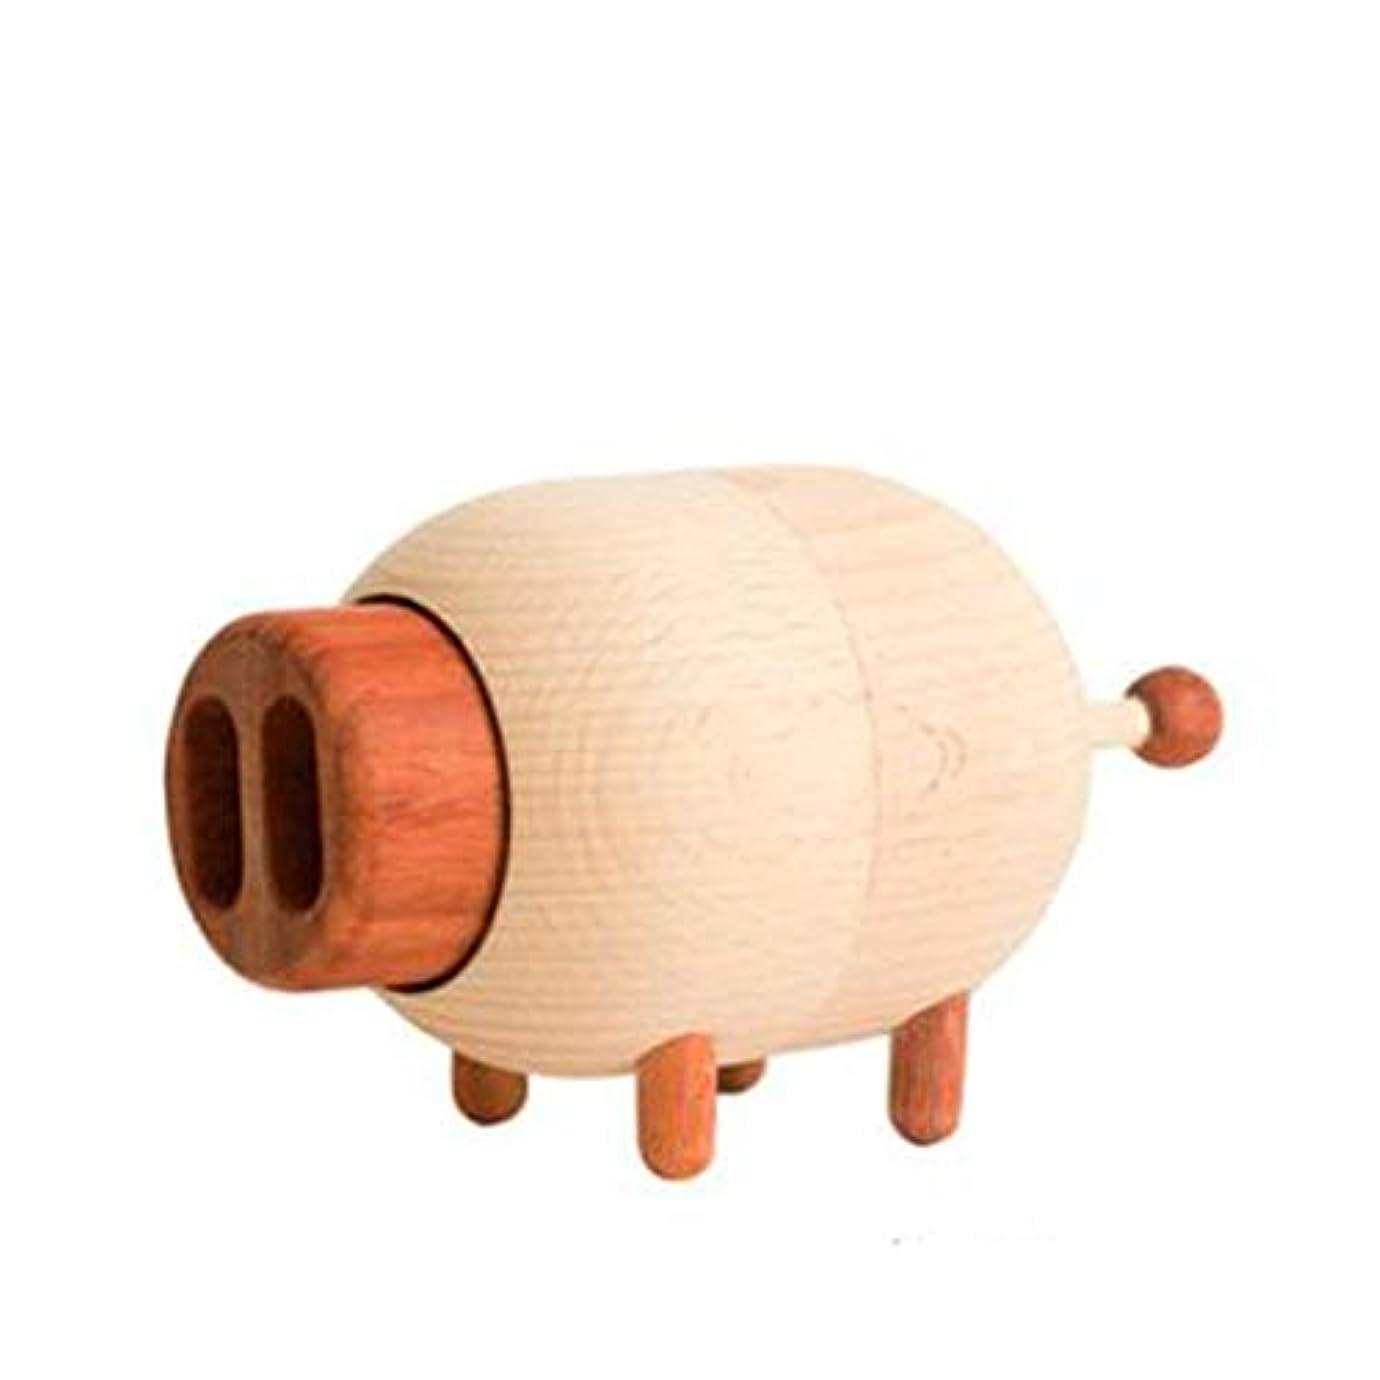 傭兵くびれた懐疑的Chengjinxiang ギフト豚オルゴールスカイシティオルゴール木製回転クリエイティブ送信女の子カップル誕生日ギフト,クリエイティブギフト (Style : Pig)